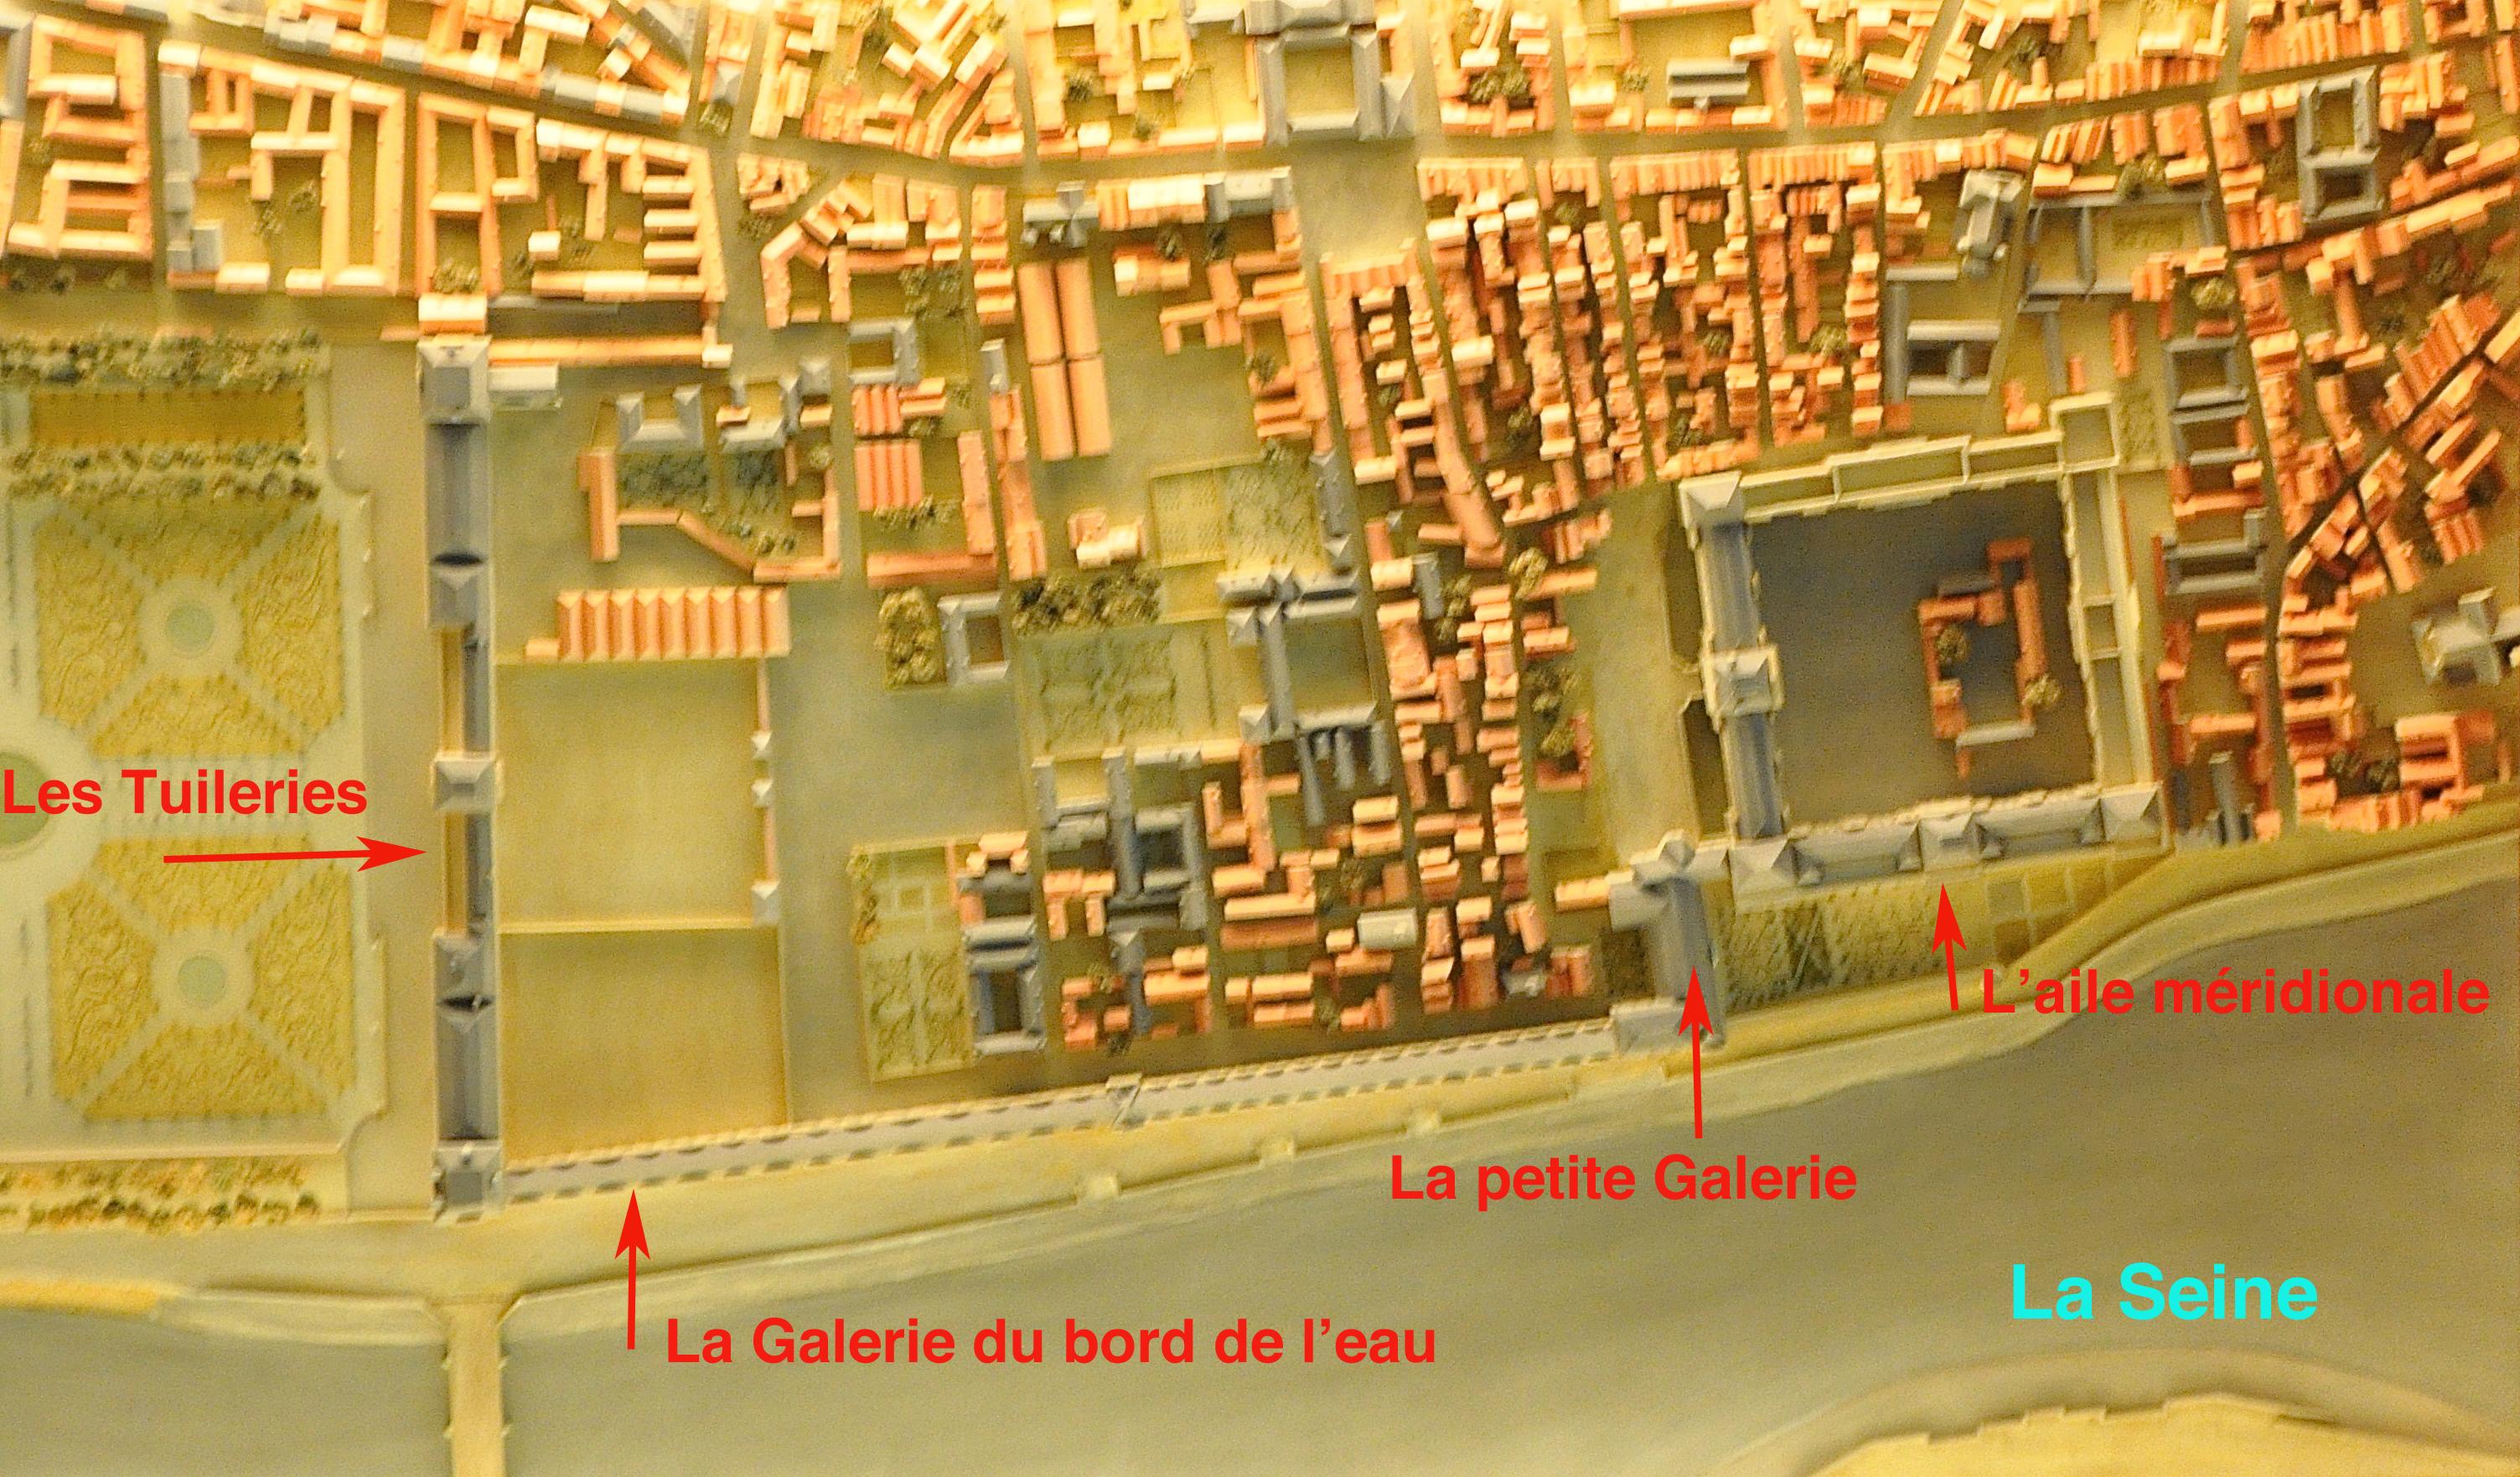 Le Louvre de Louis XIV, maquette, salles d'histoire, Le Louvre, Paris